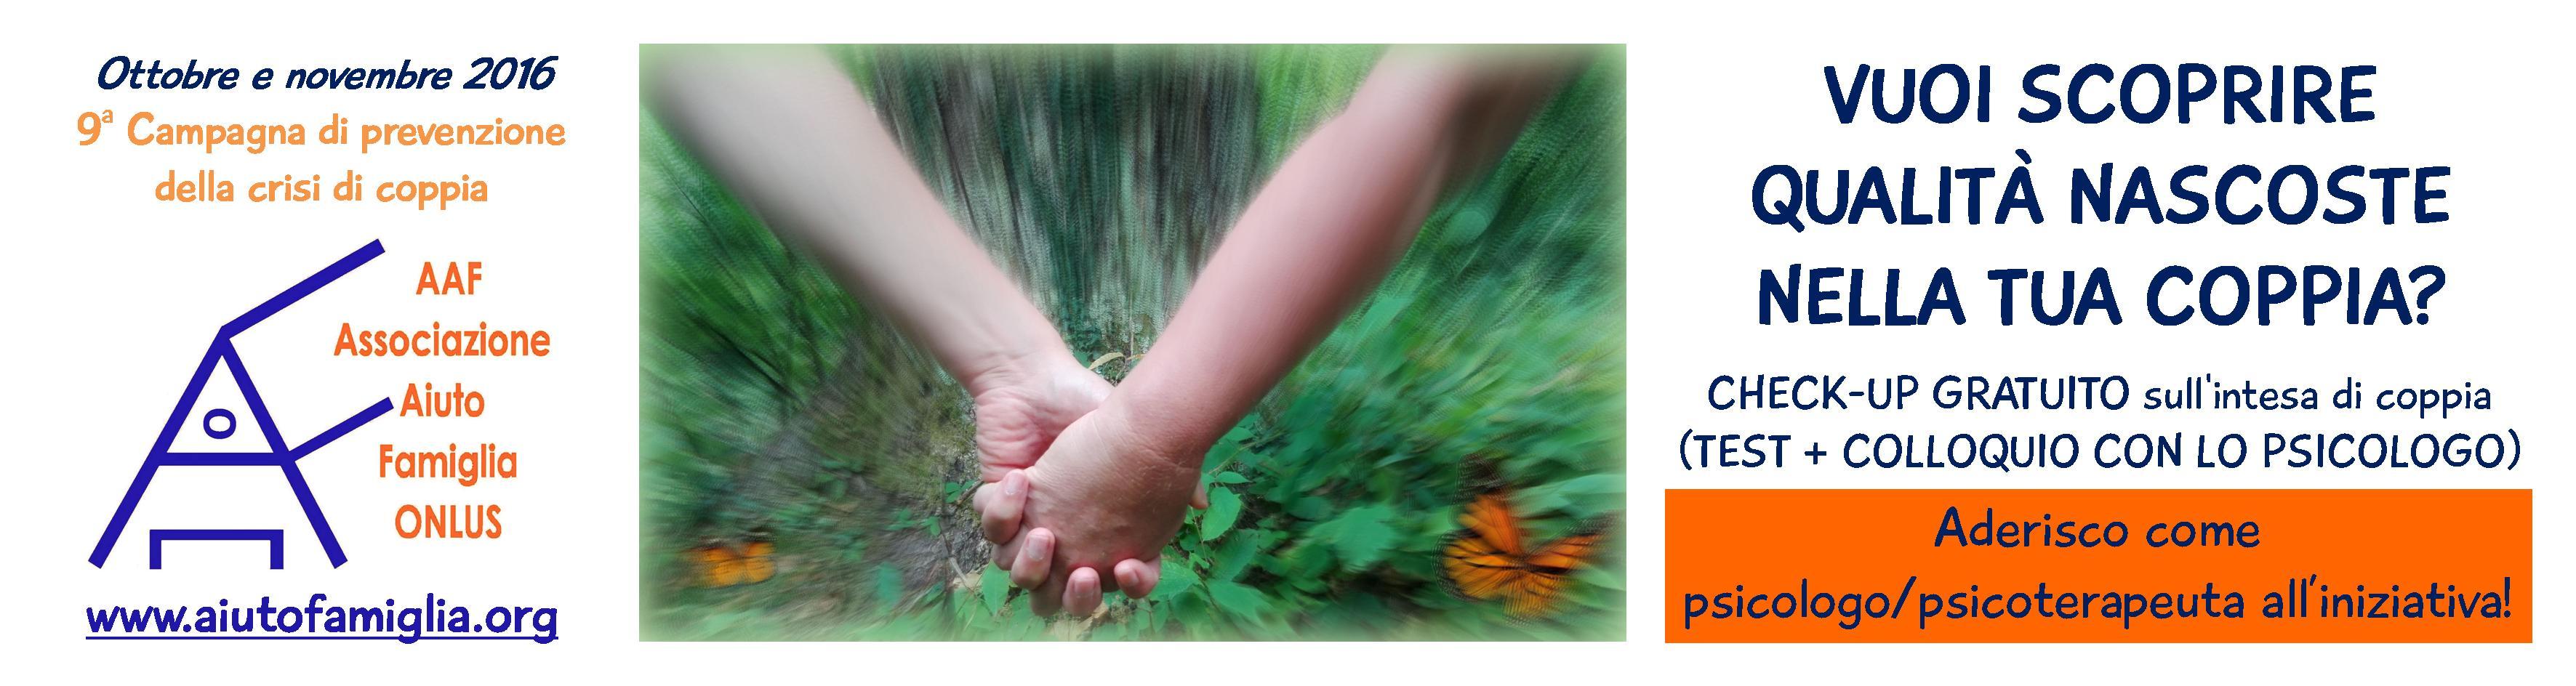 Campagna per la prevenzione della crisi di coppia a cura di AAF